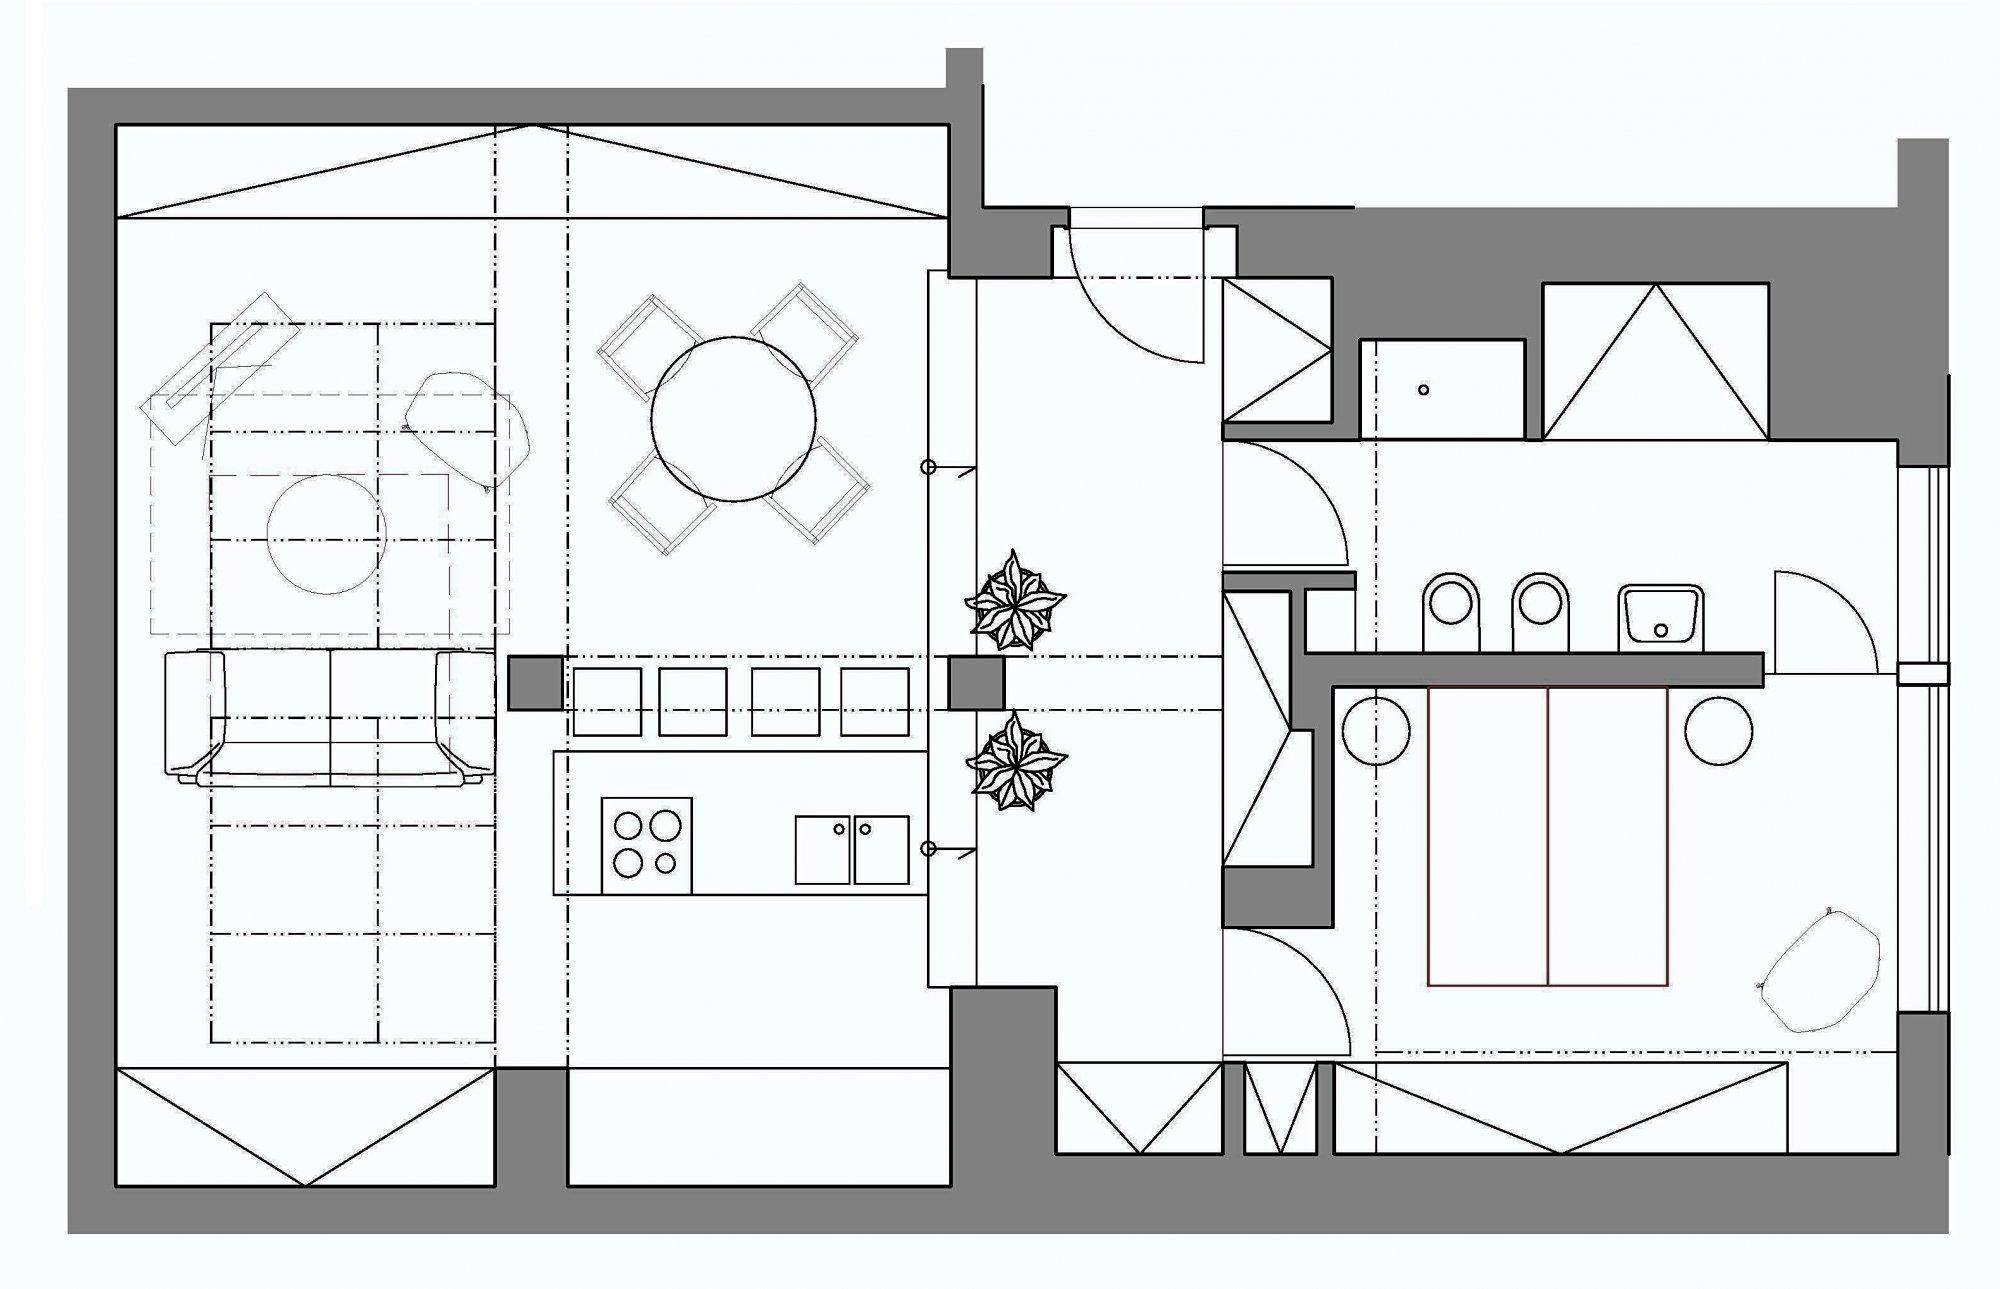 Půdorys - Půdní byt 2+kk, plocha 76 m², ulice Zlatnická, Praha 1 - Nové Město